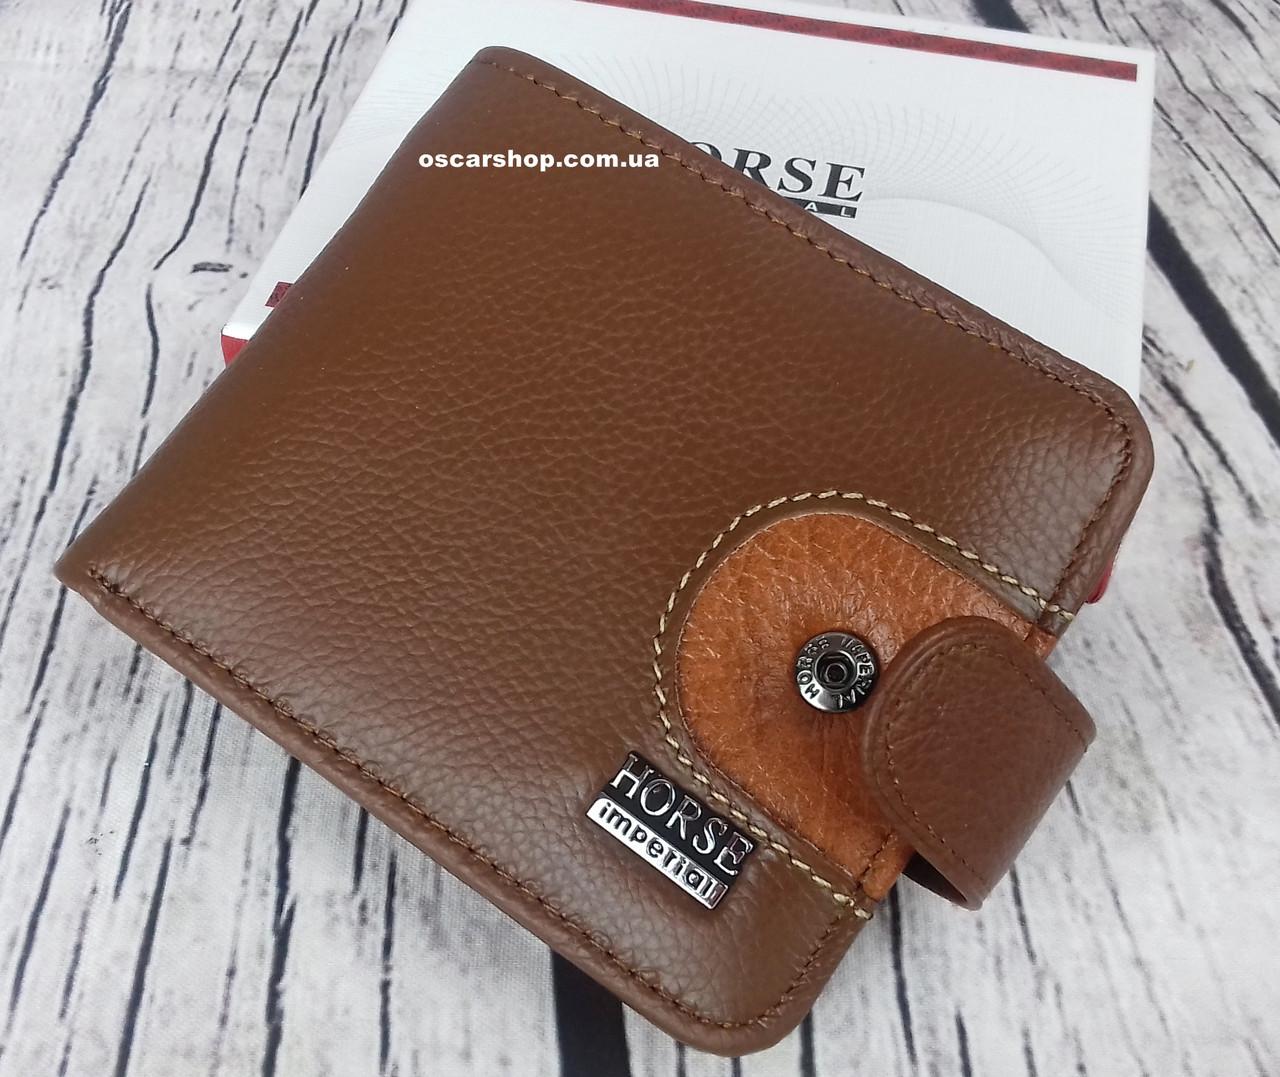 Мужской кошелек imperial horse кожа. Кожаный бумажник  в коробке. Кожаное портмоне Хорс. СКМ1